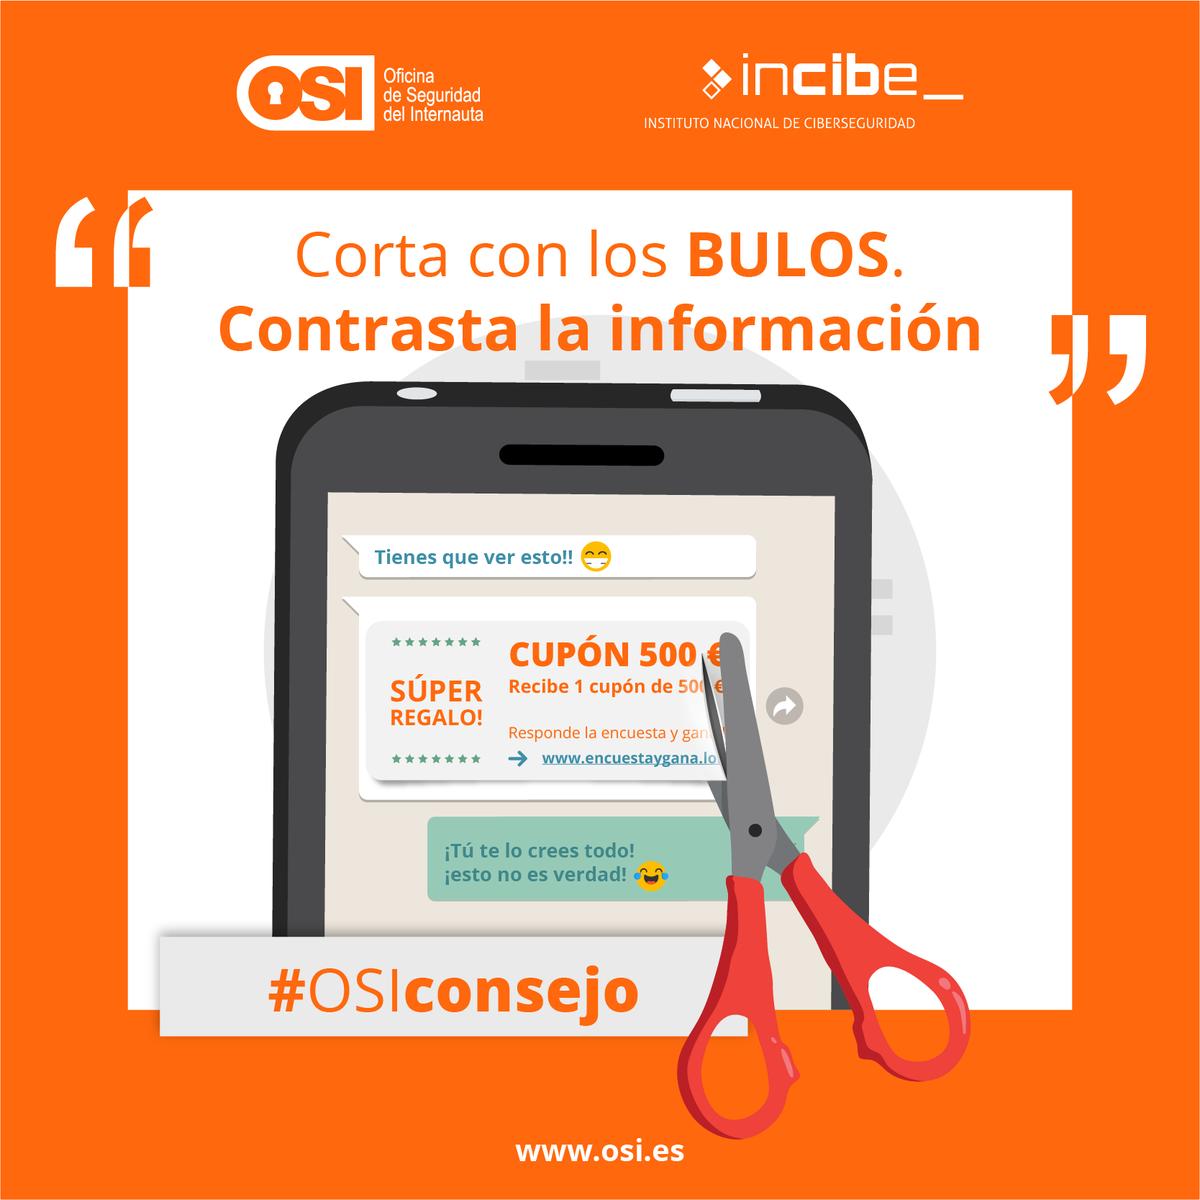 RT@osiseguridad No participes en #bulos o #fraudes. Contrasta la información y corta la cadena. #OSIconsejo #STOPBulos